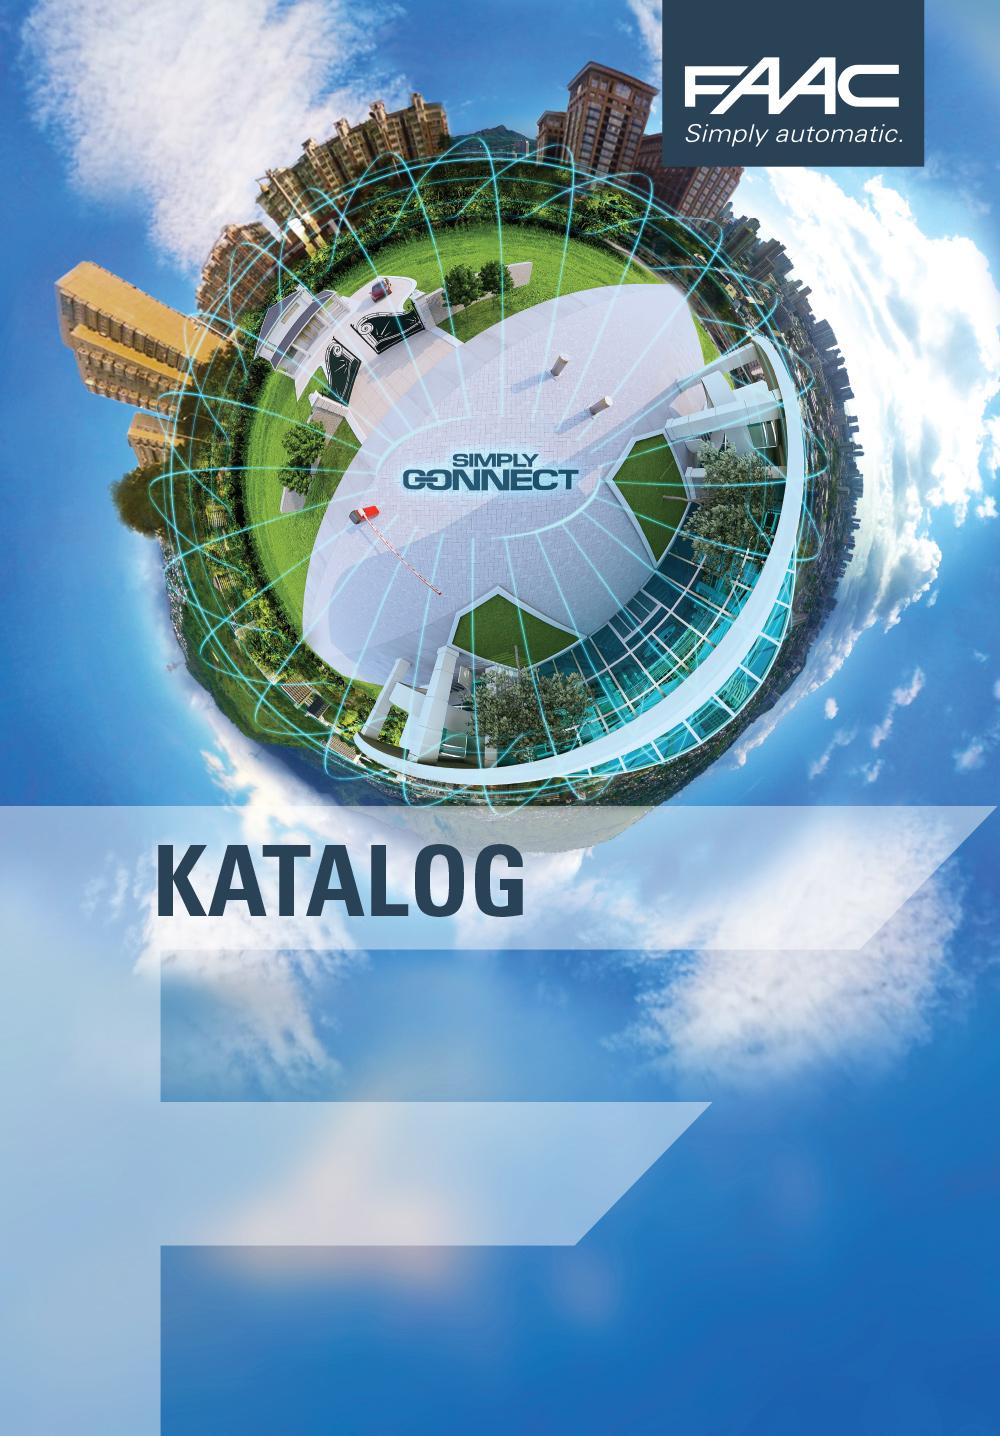 katalog_faac-2020